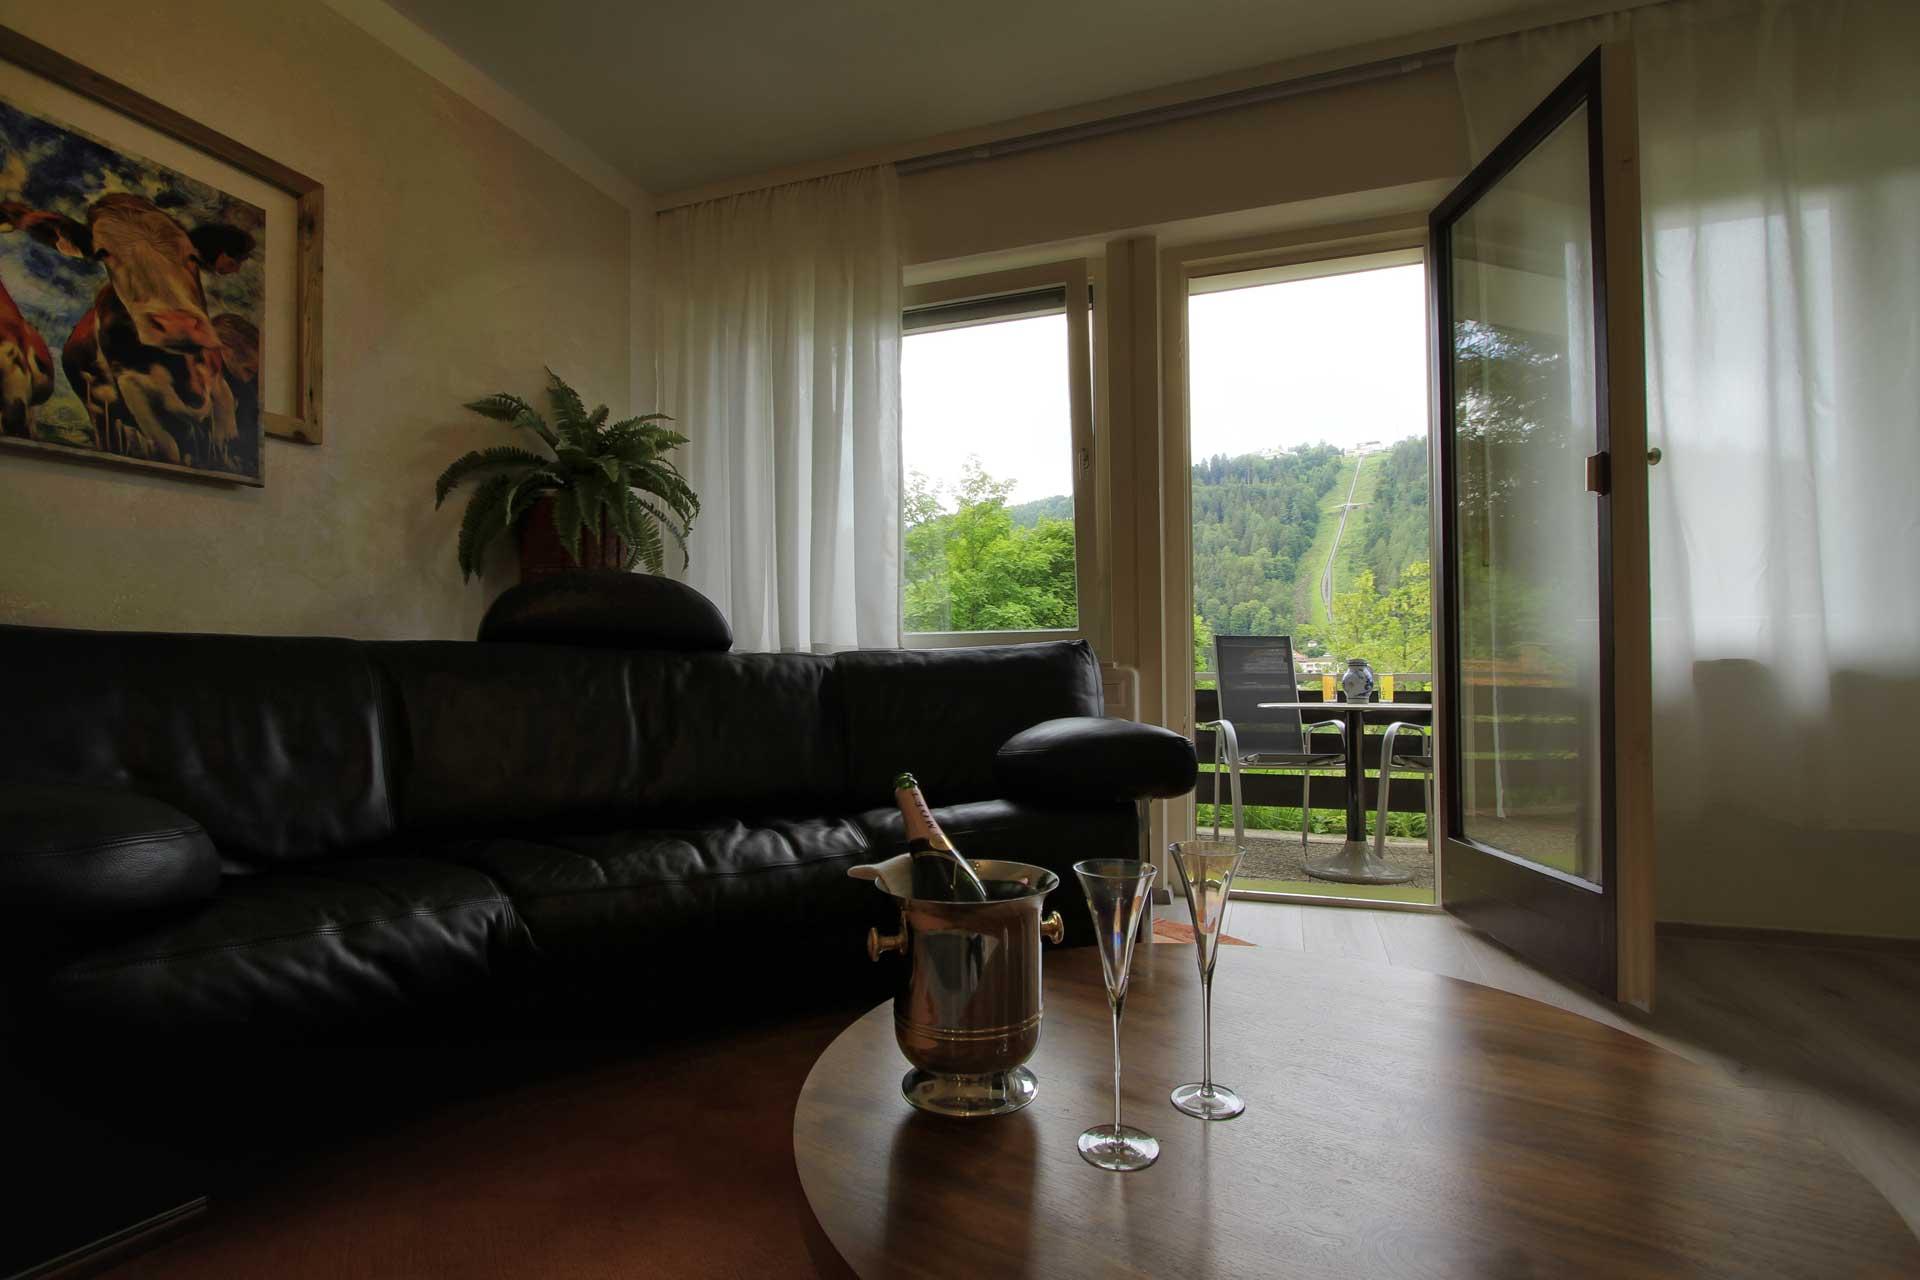 SchwarzwaldDELUXE Ferienwohnung Bad Wildbad - Blick vom Bett auf die Bergbahn